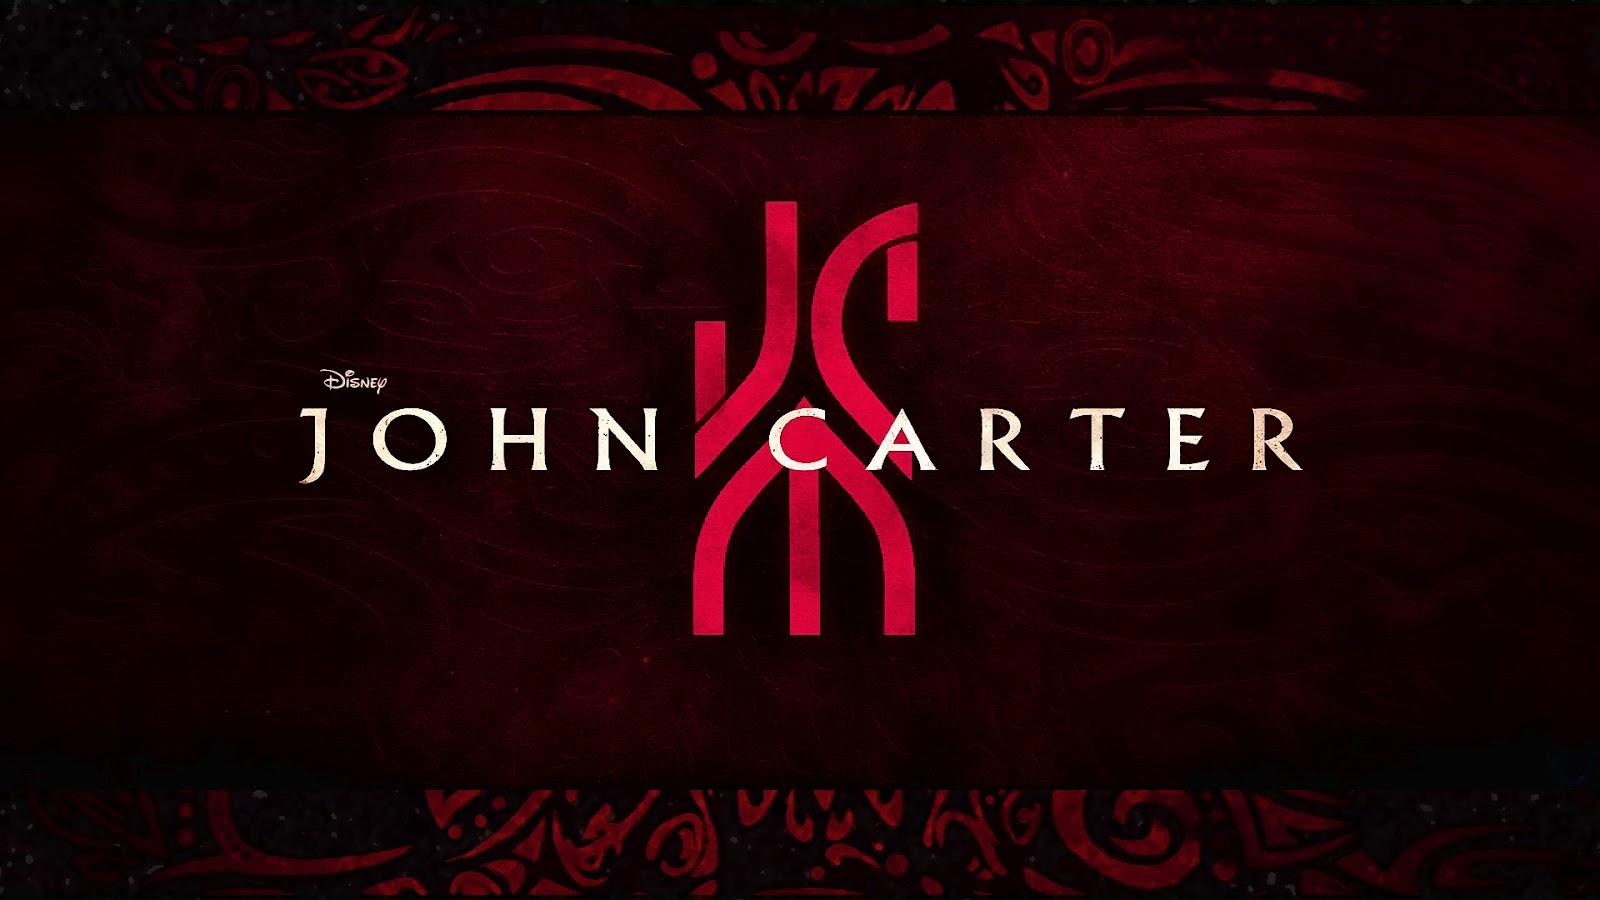 http://2.bp.blogspot.com/-dks4MwX5cTI/T1NrgD7PlcI/AAAAAAAACBc/dO_ryPtyIsA/s1600/John-Carter-Wallpapers-2.jpg